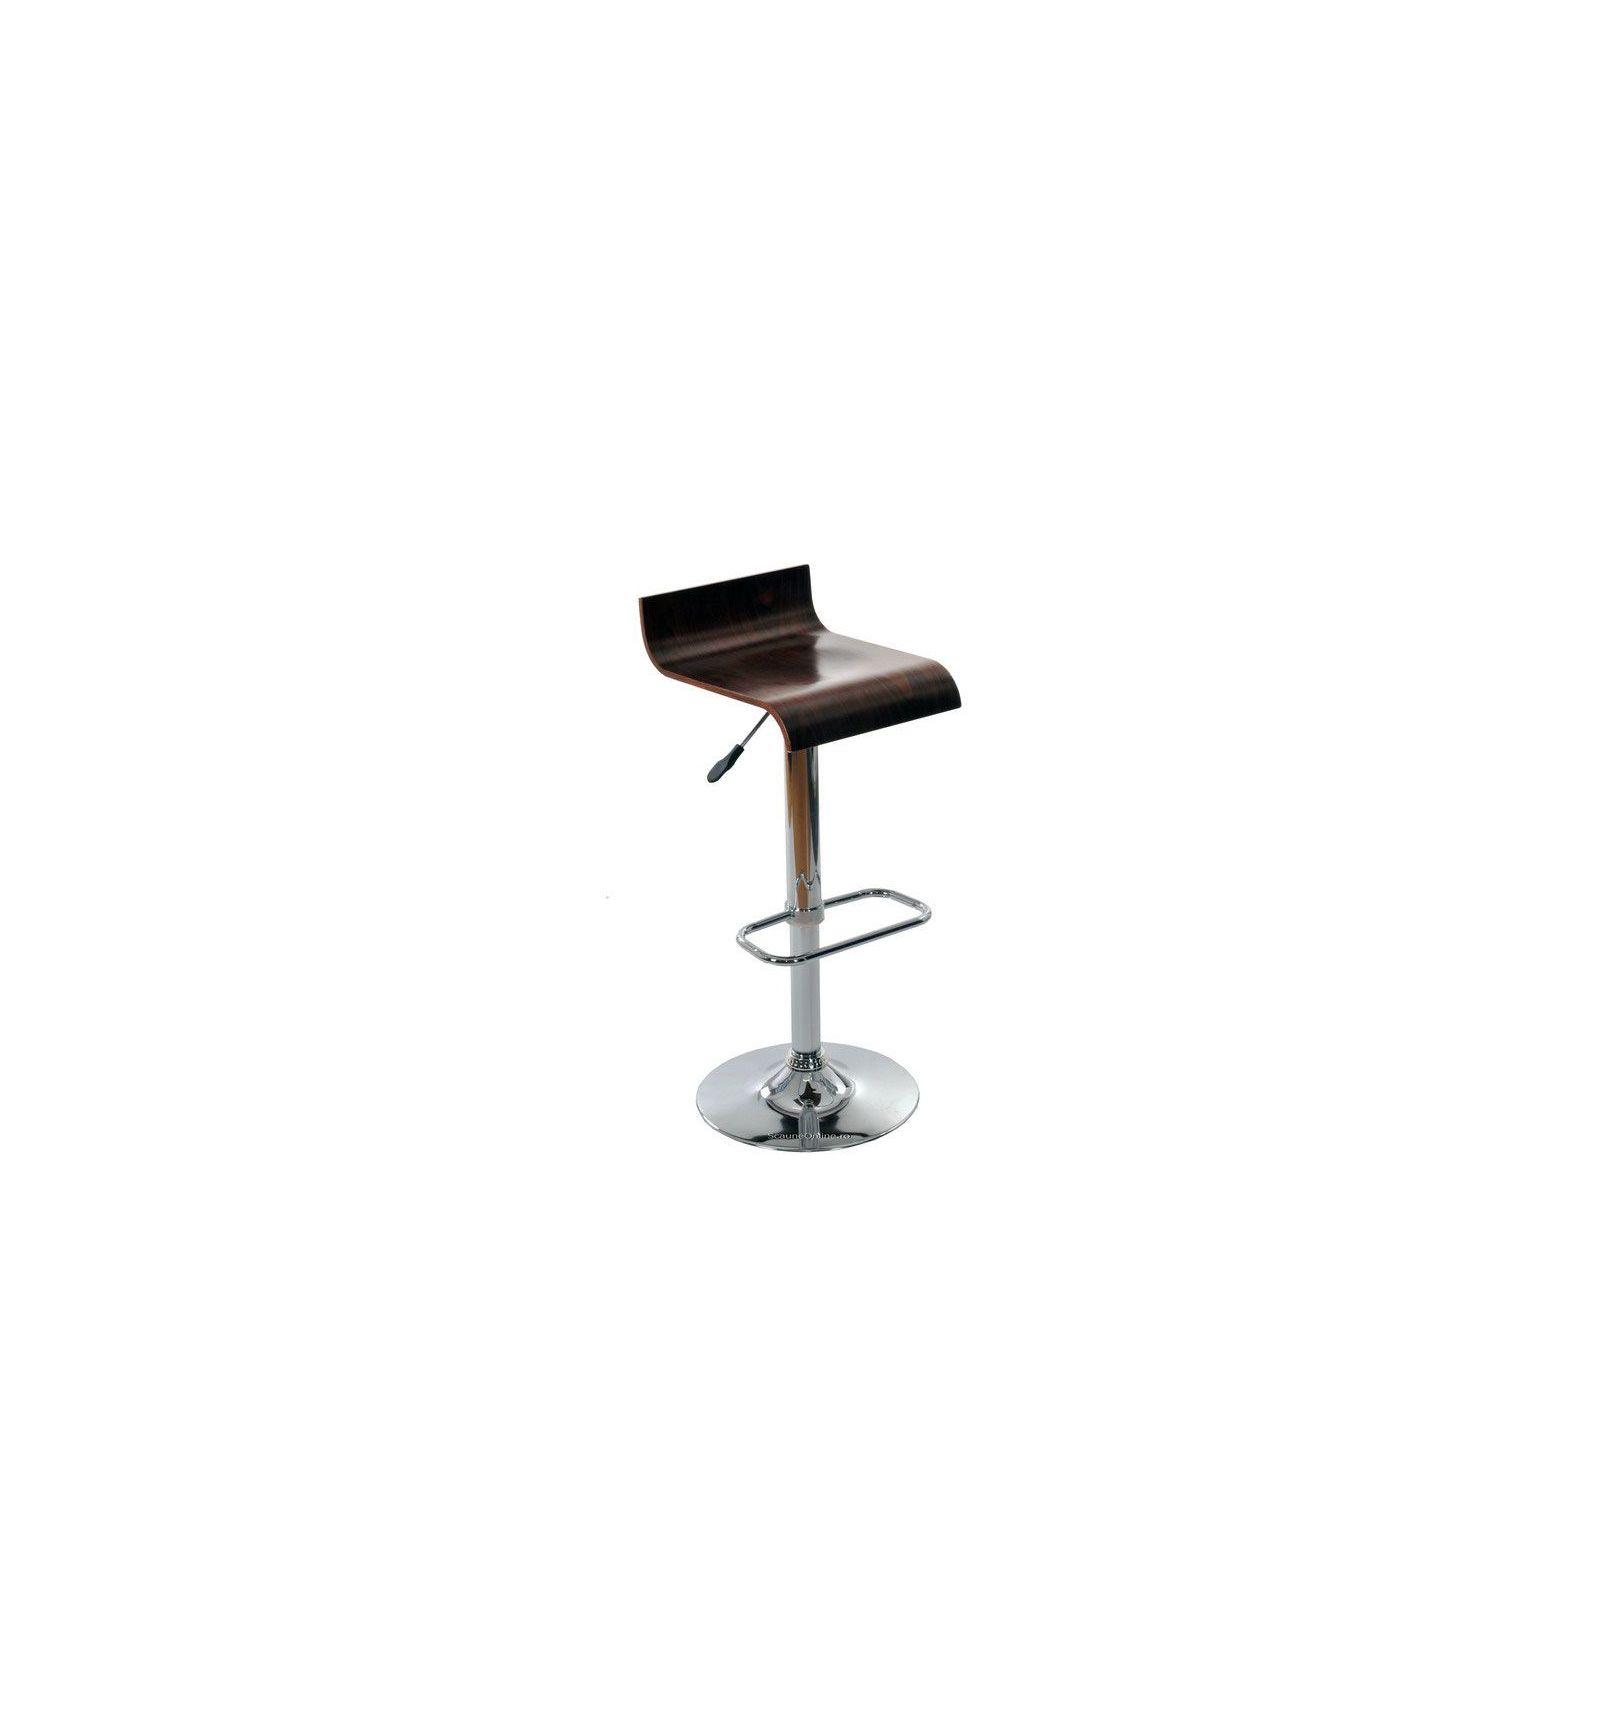 cele mai noi modele de scaune pentru bar